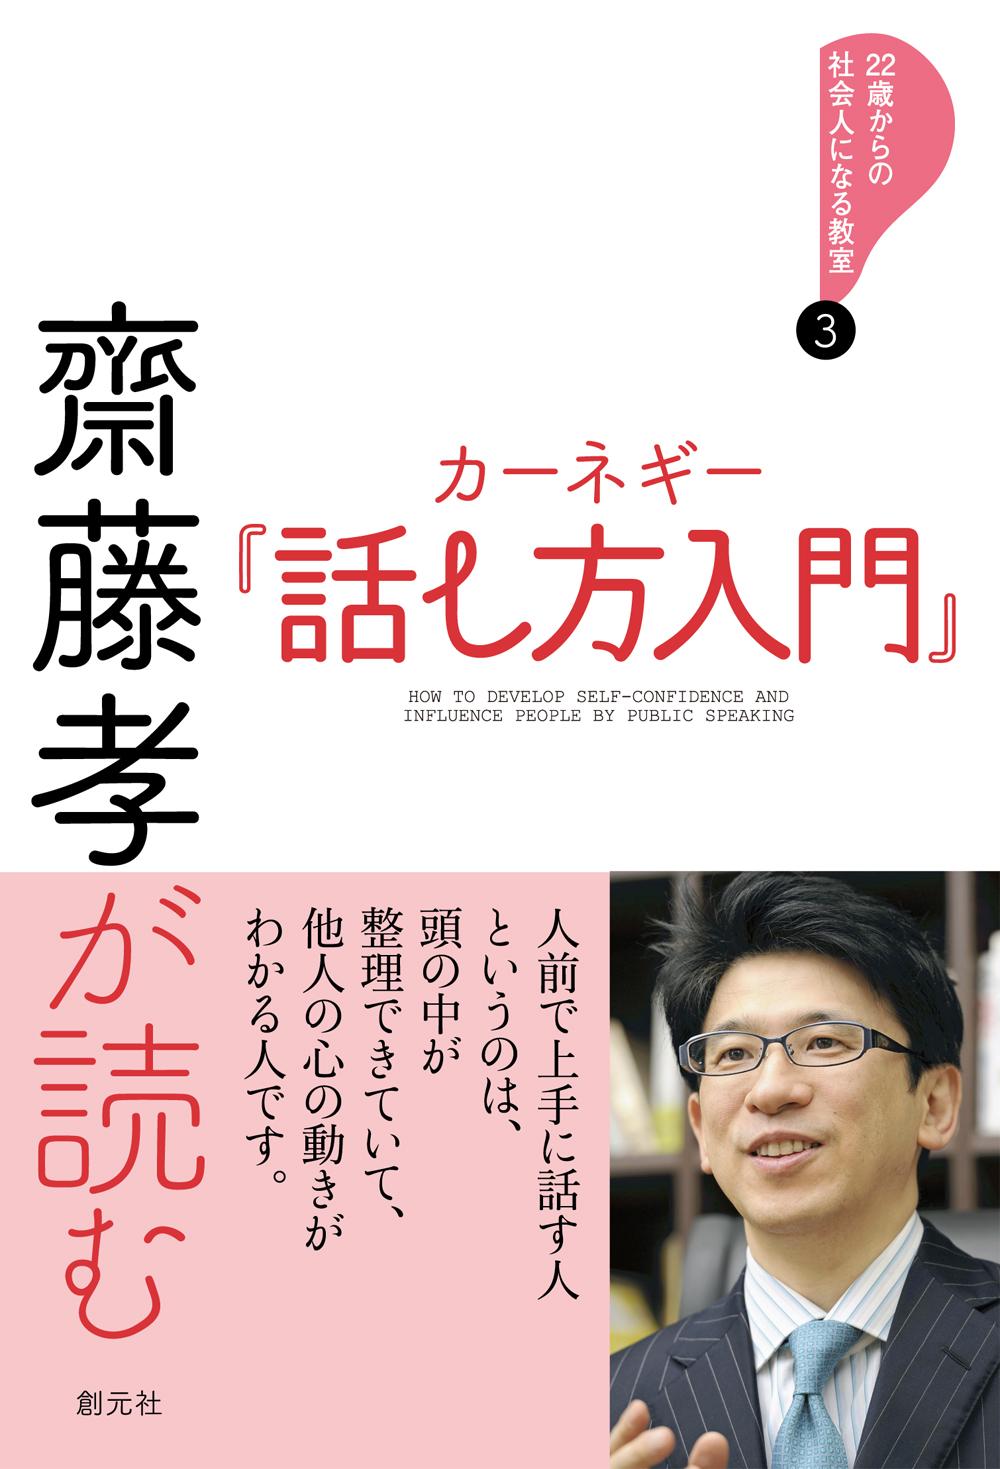 商品詳細 - 齋藤孝が読む カーネギー『人を動かす』 - 創元社